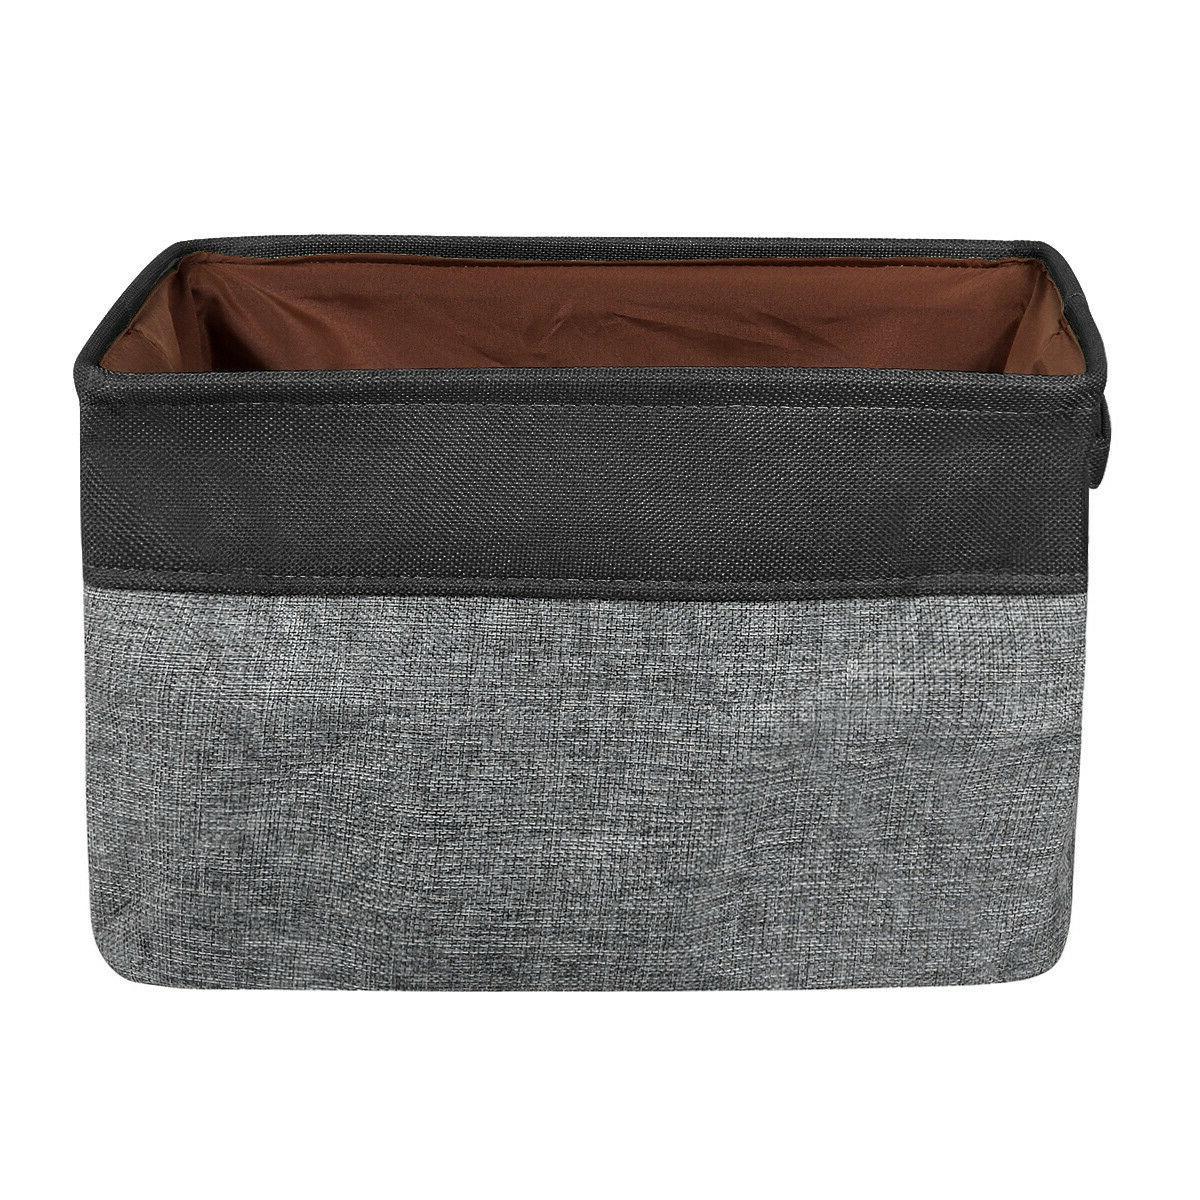 Foldable Washing Basket Toys Bag